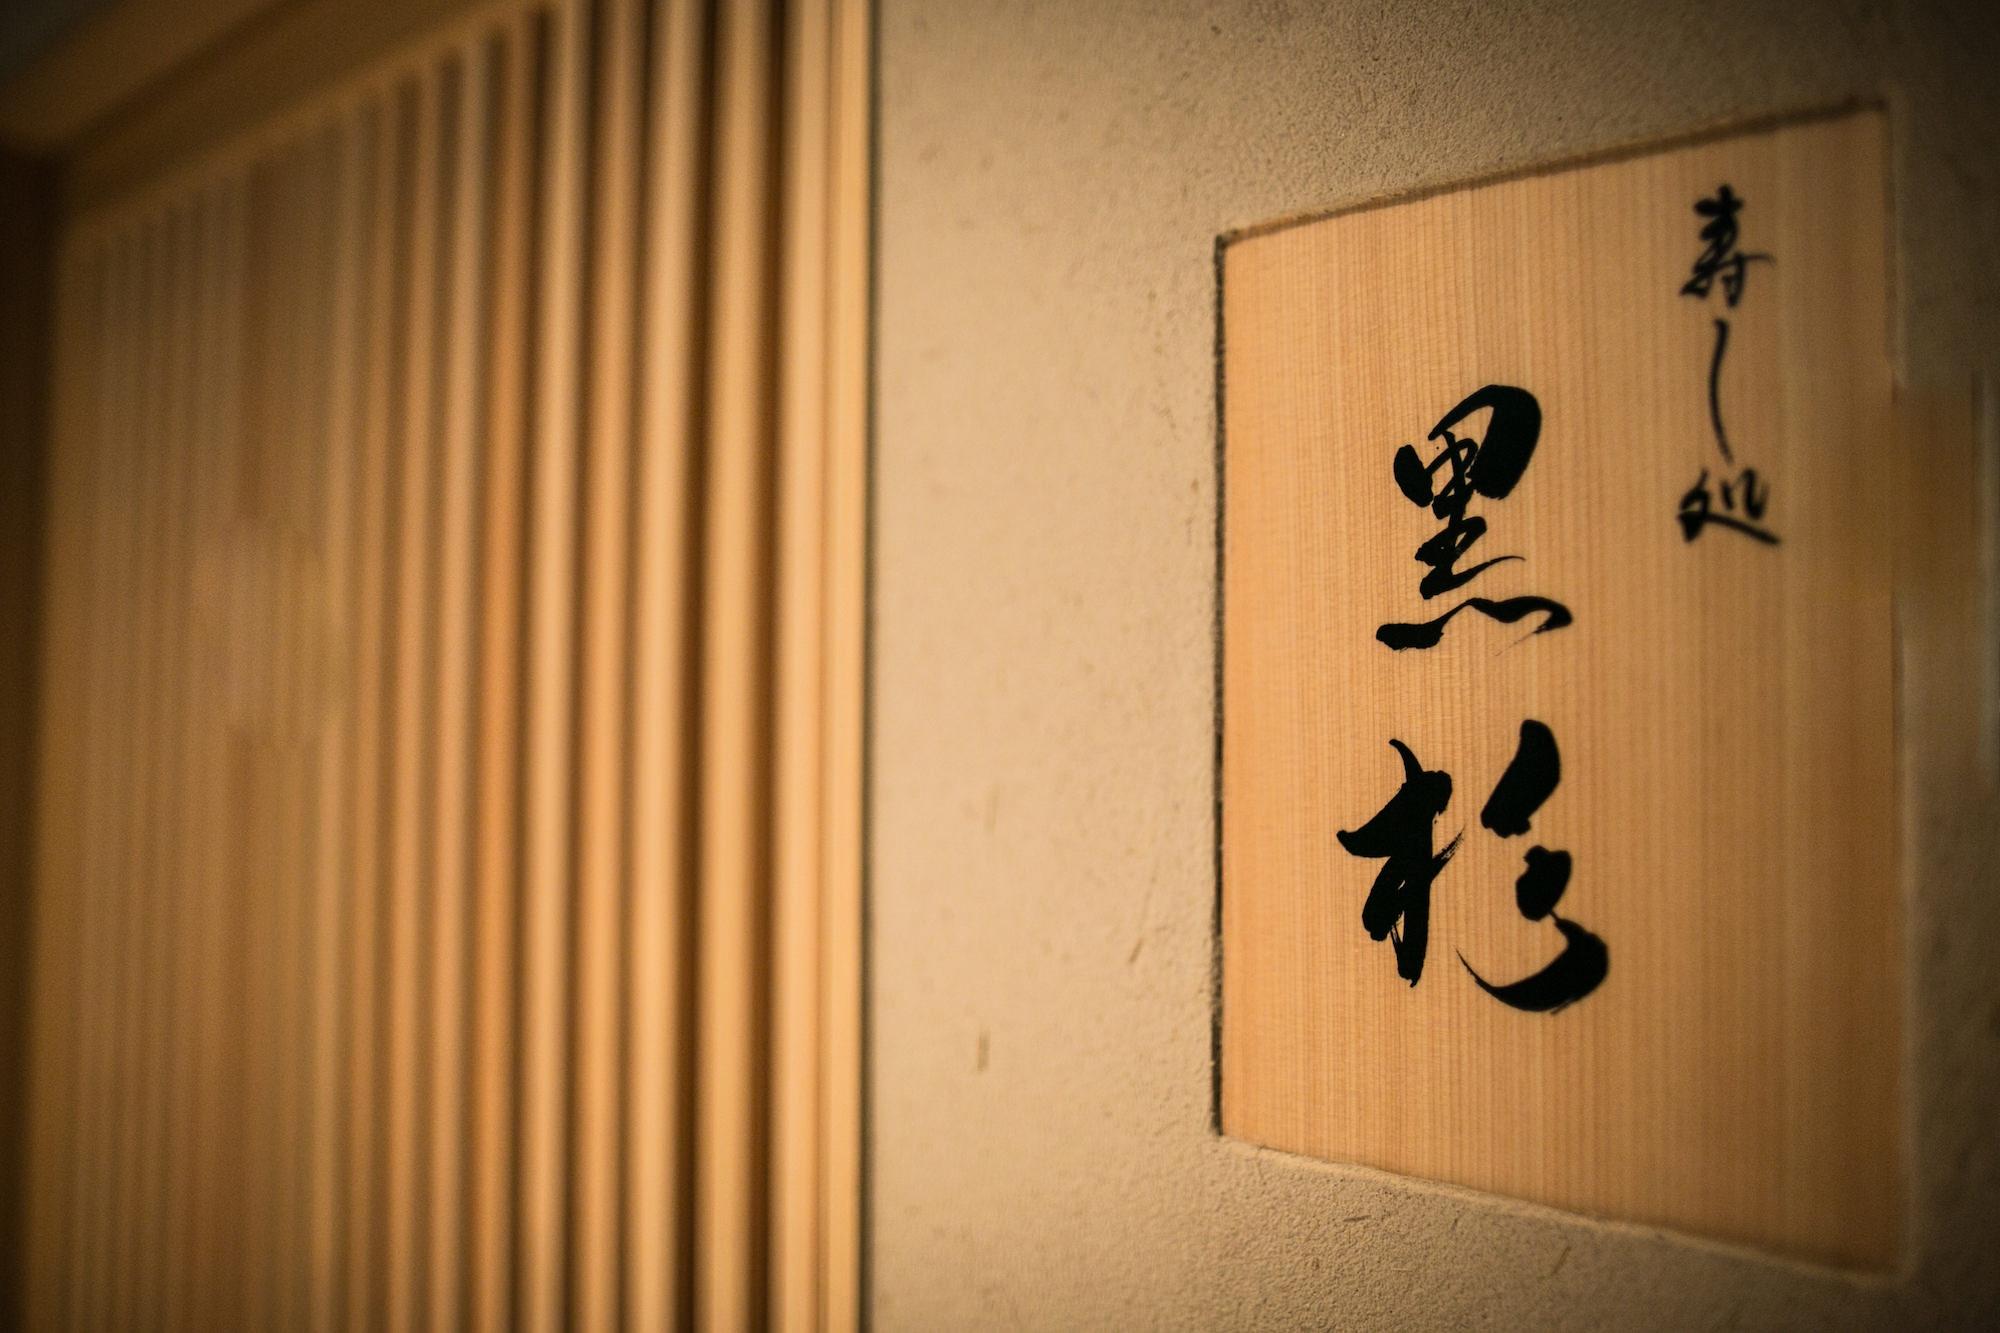 Sushidokoro Kurosugi nameplate